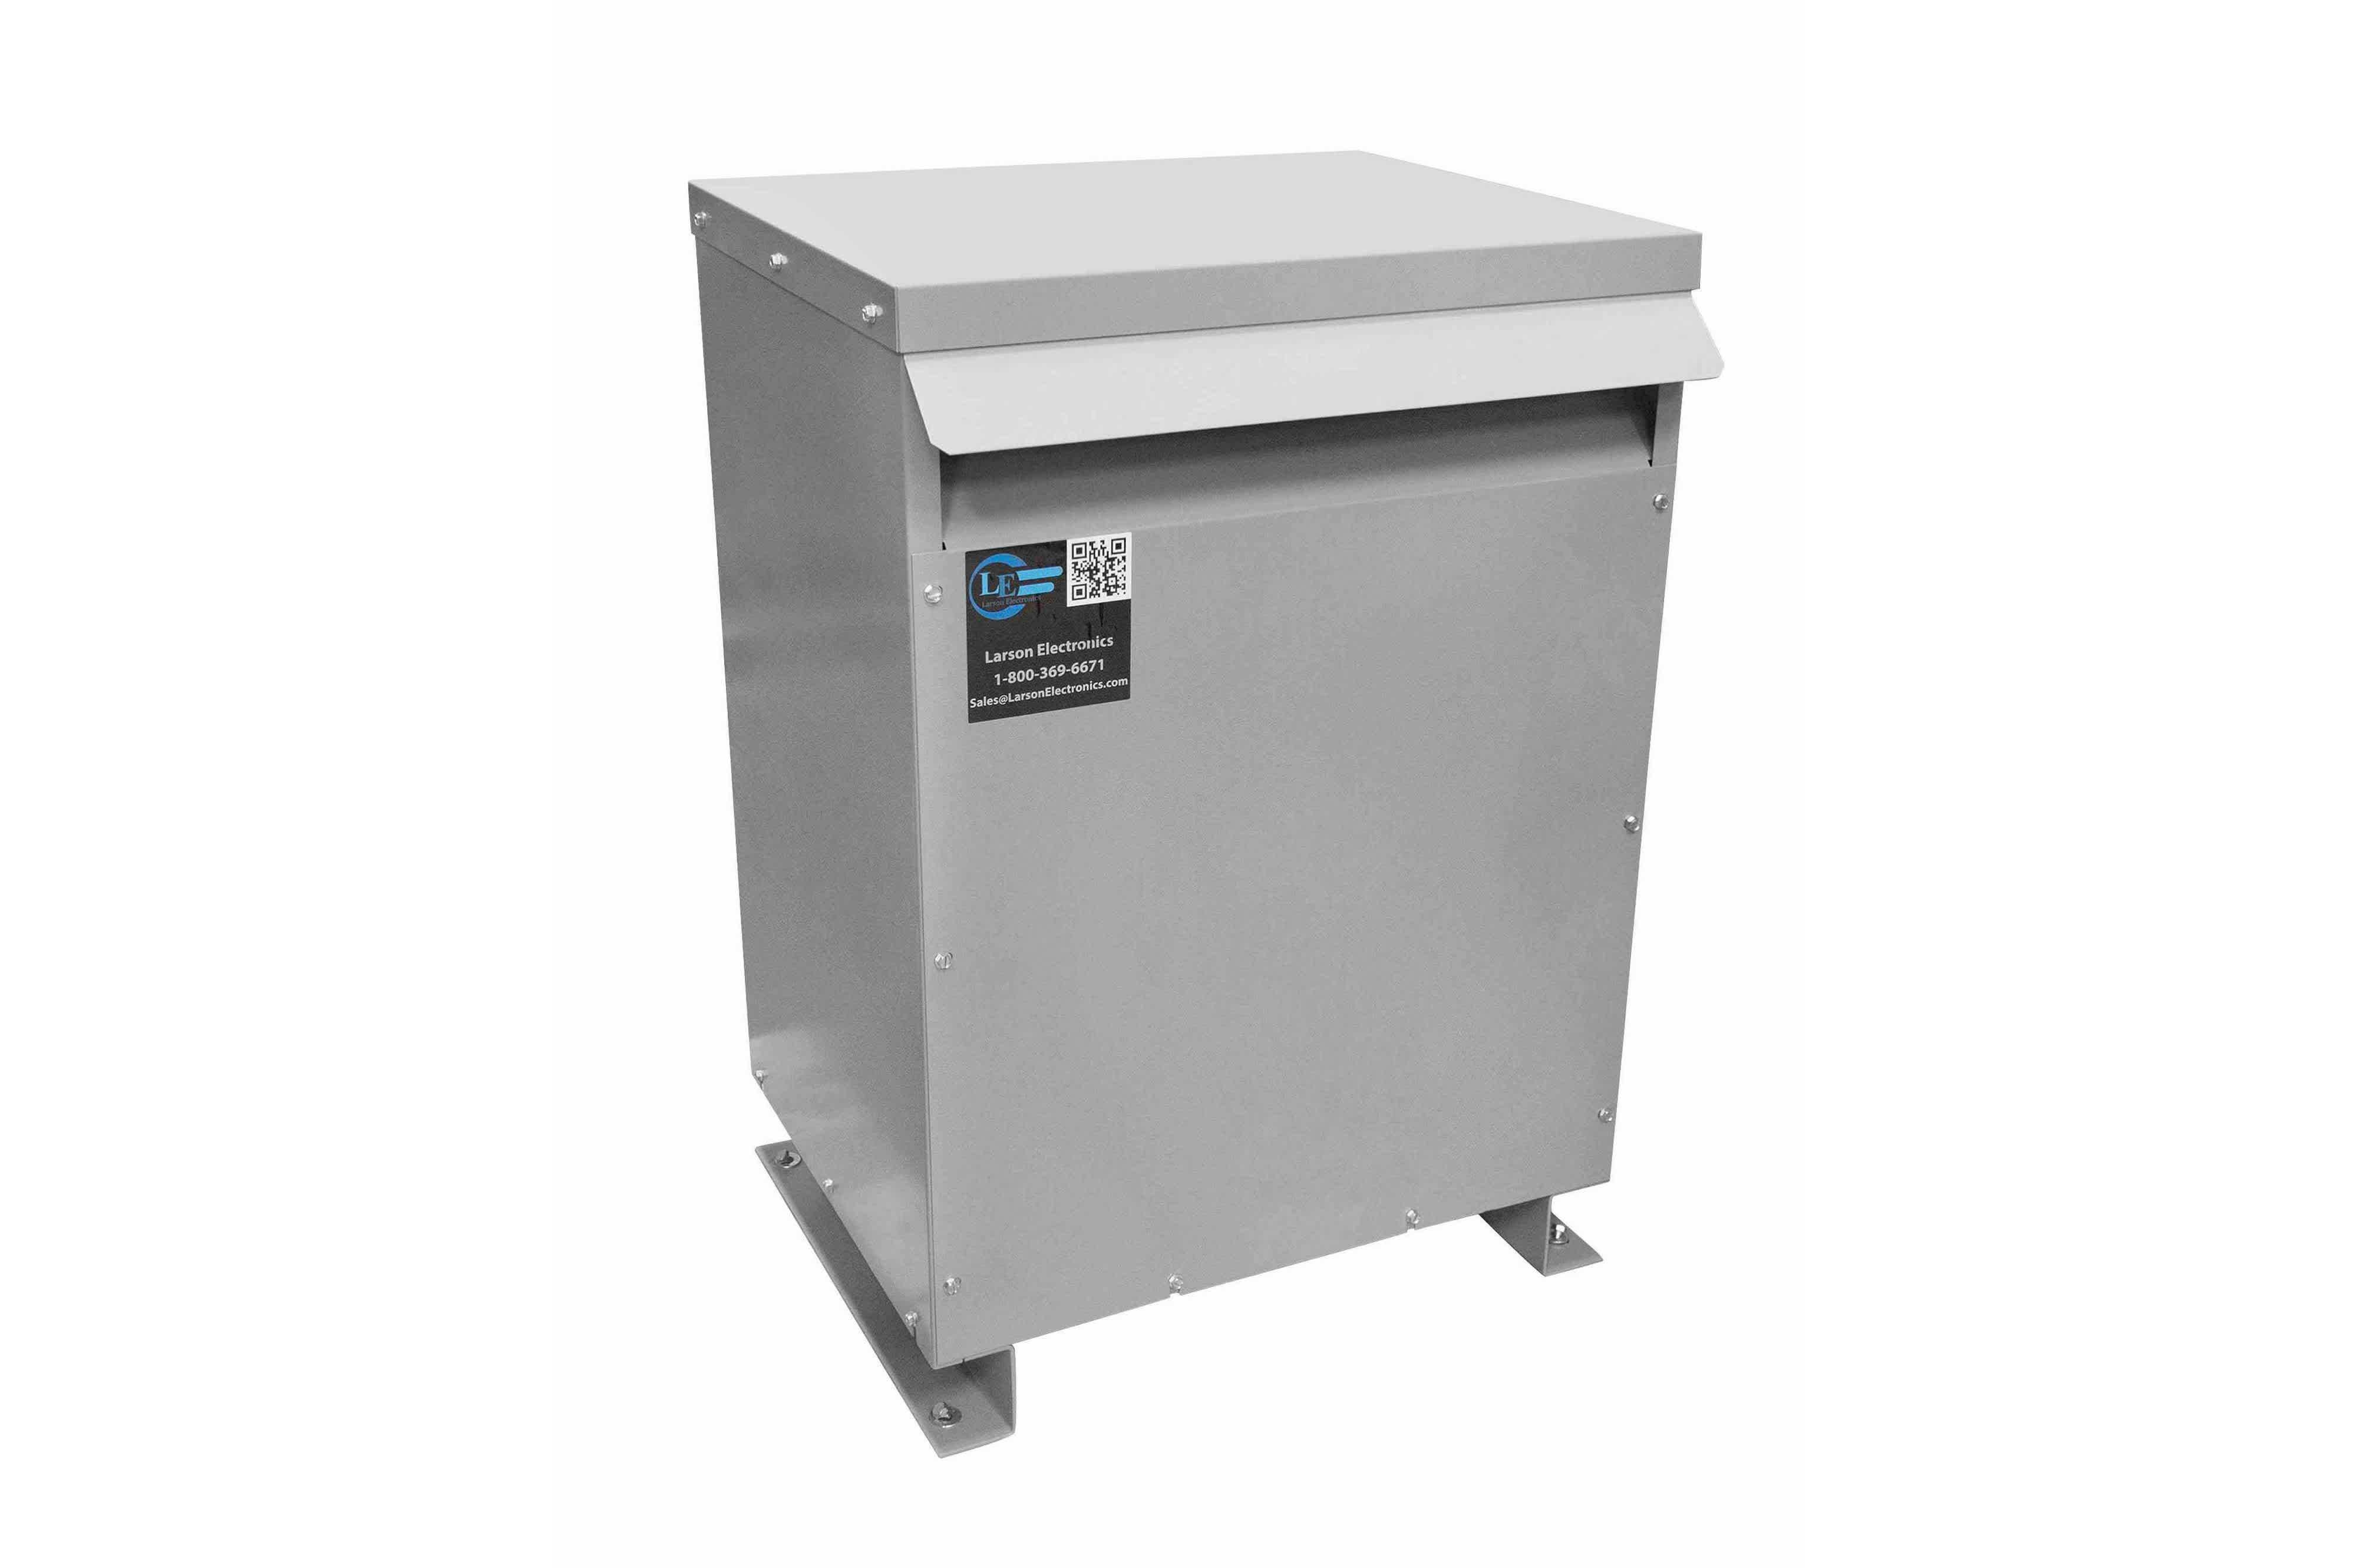 11 kVA 3PH Isolation Transformer, 230V Delta Primary, 480V Delta Secondary, N3R, Ventilated, 60 Hz